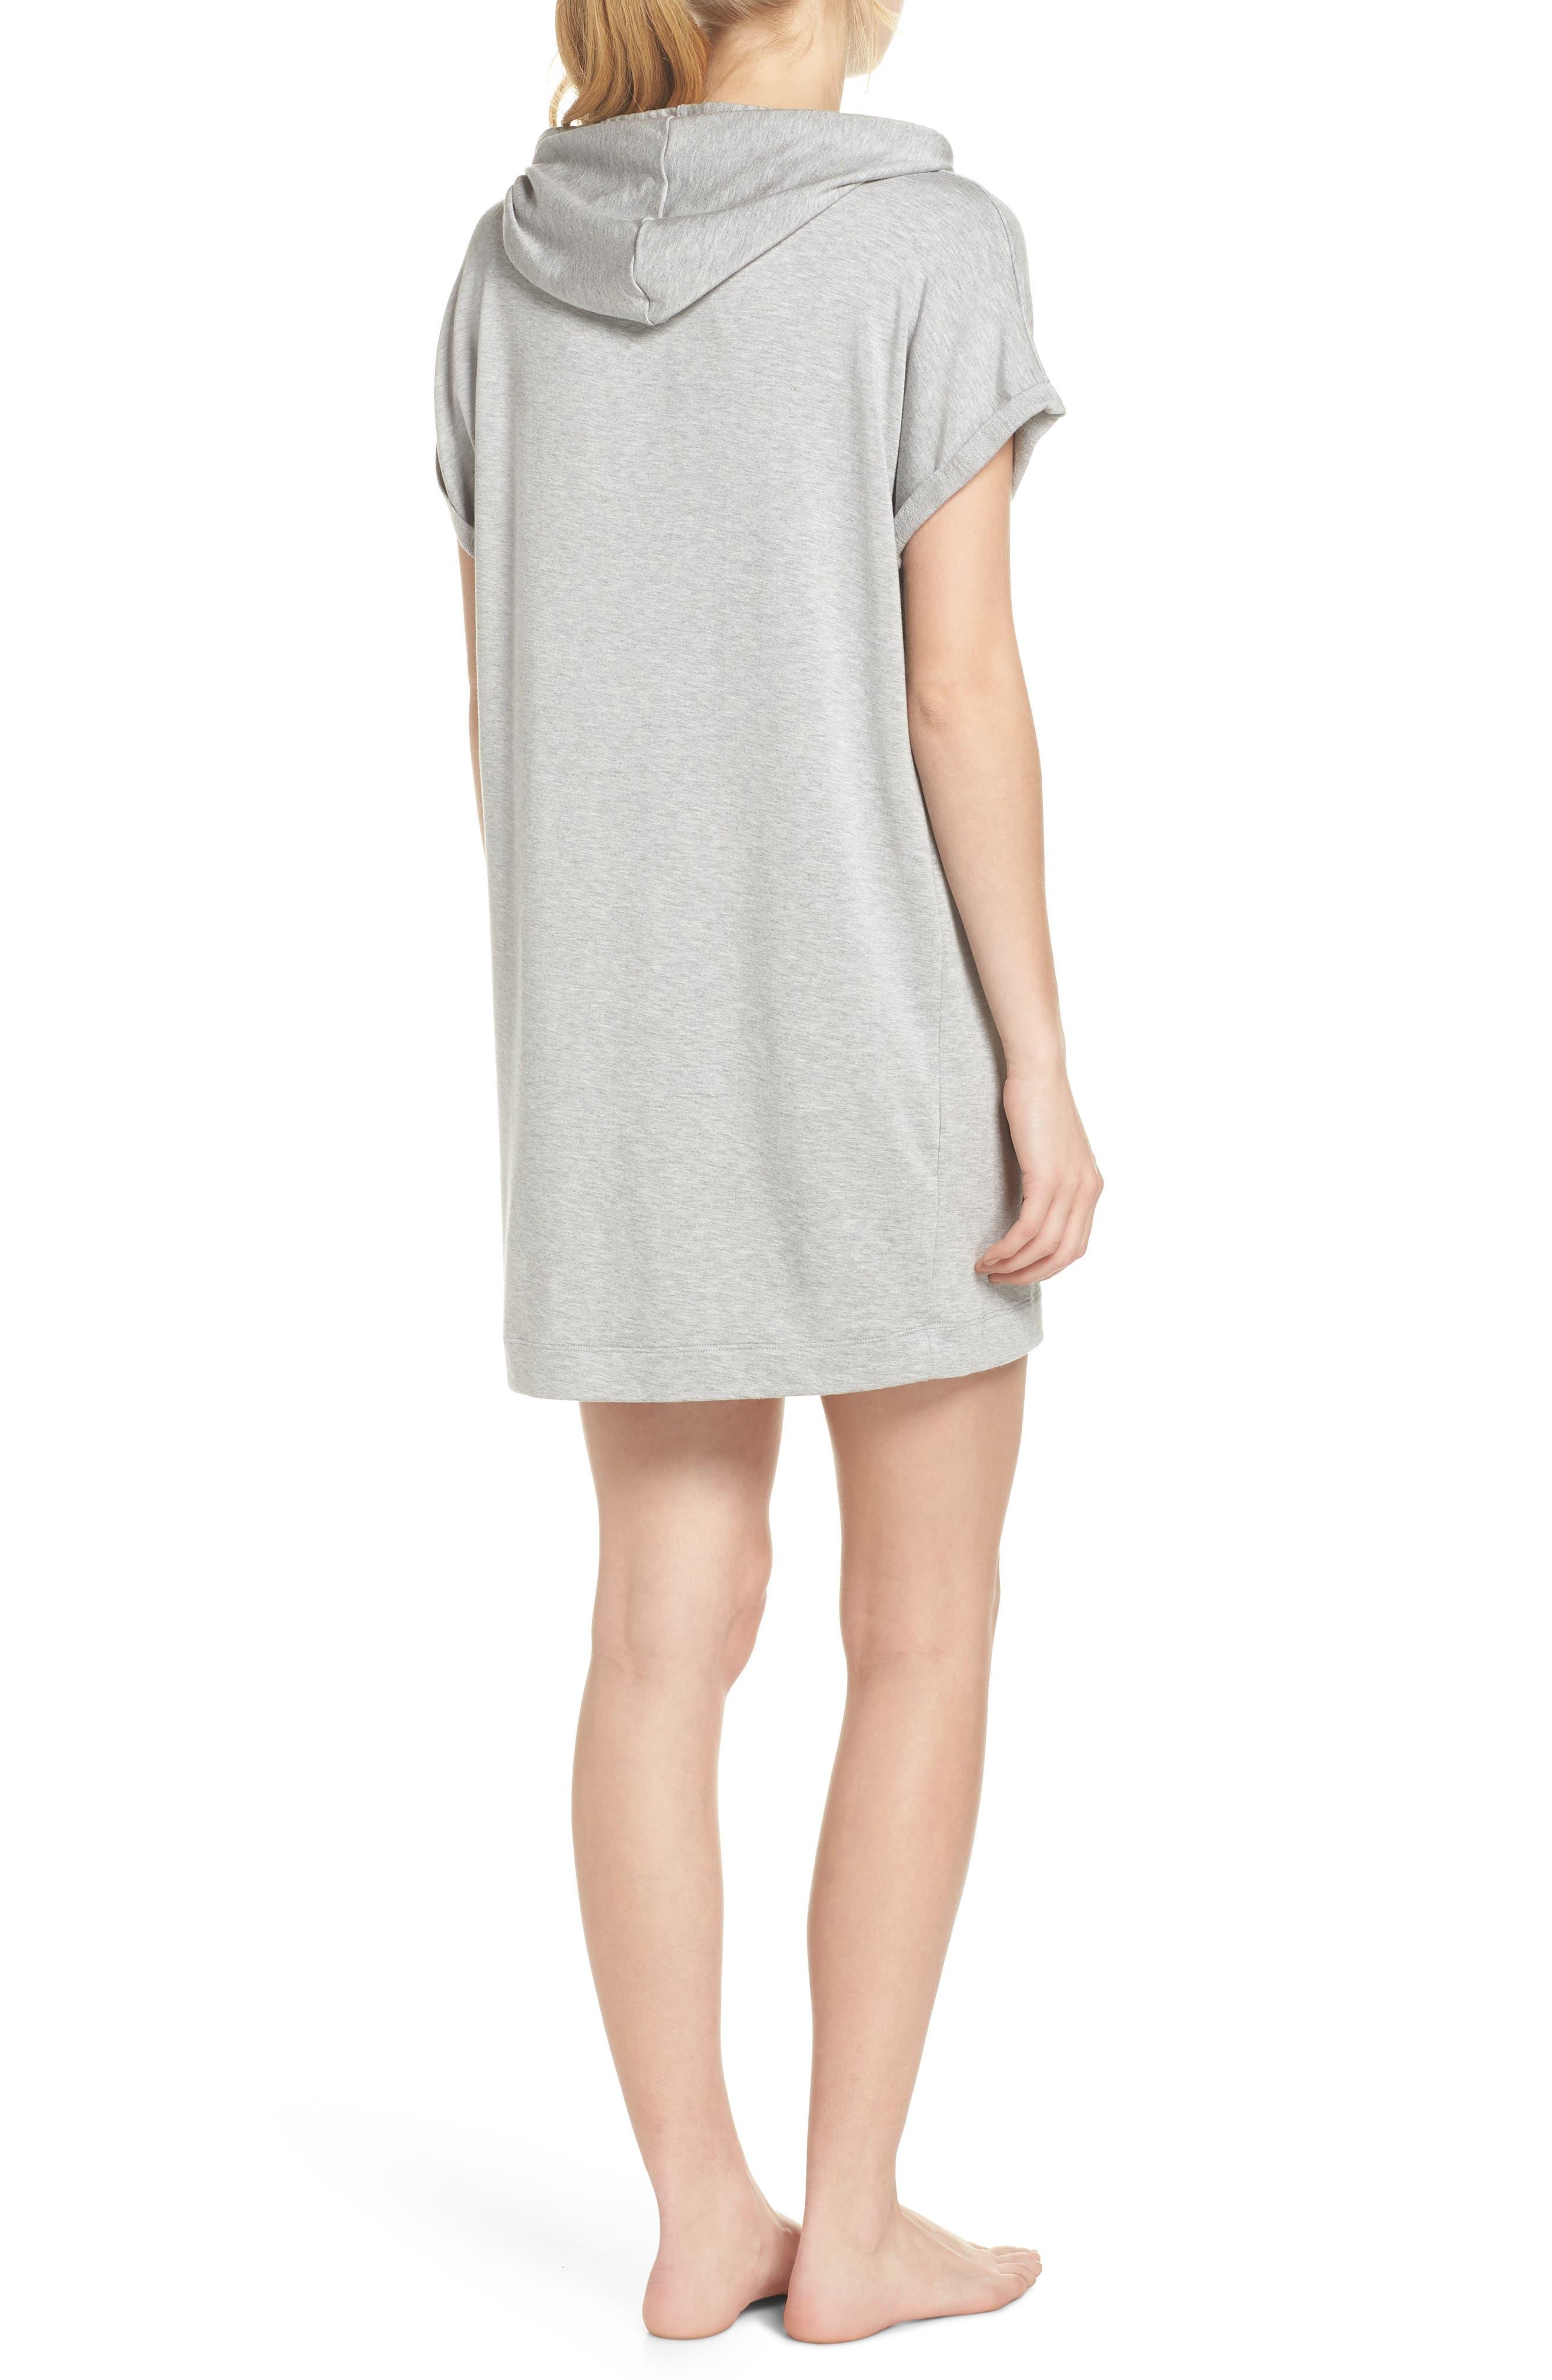 It's All Hoodie Hooded Sweatshirt Dress,                             Alternate thumbnail 2, color,                             023